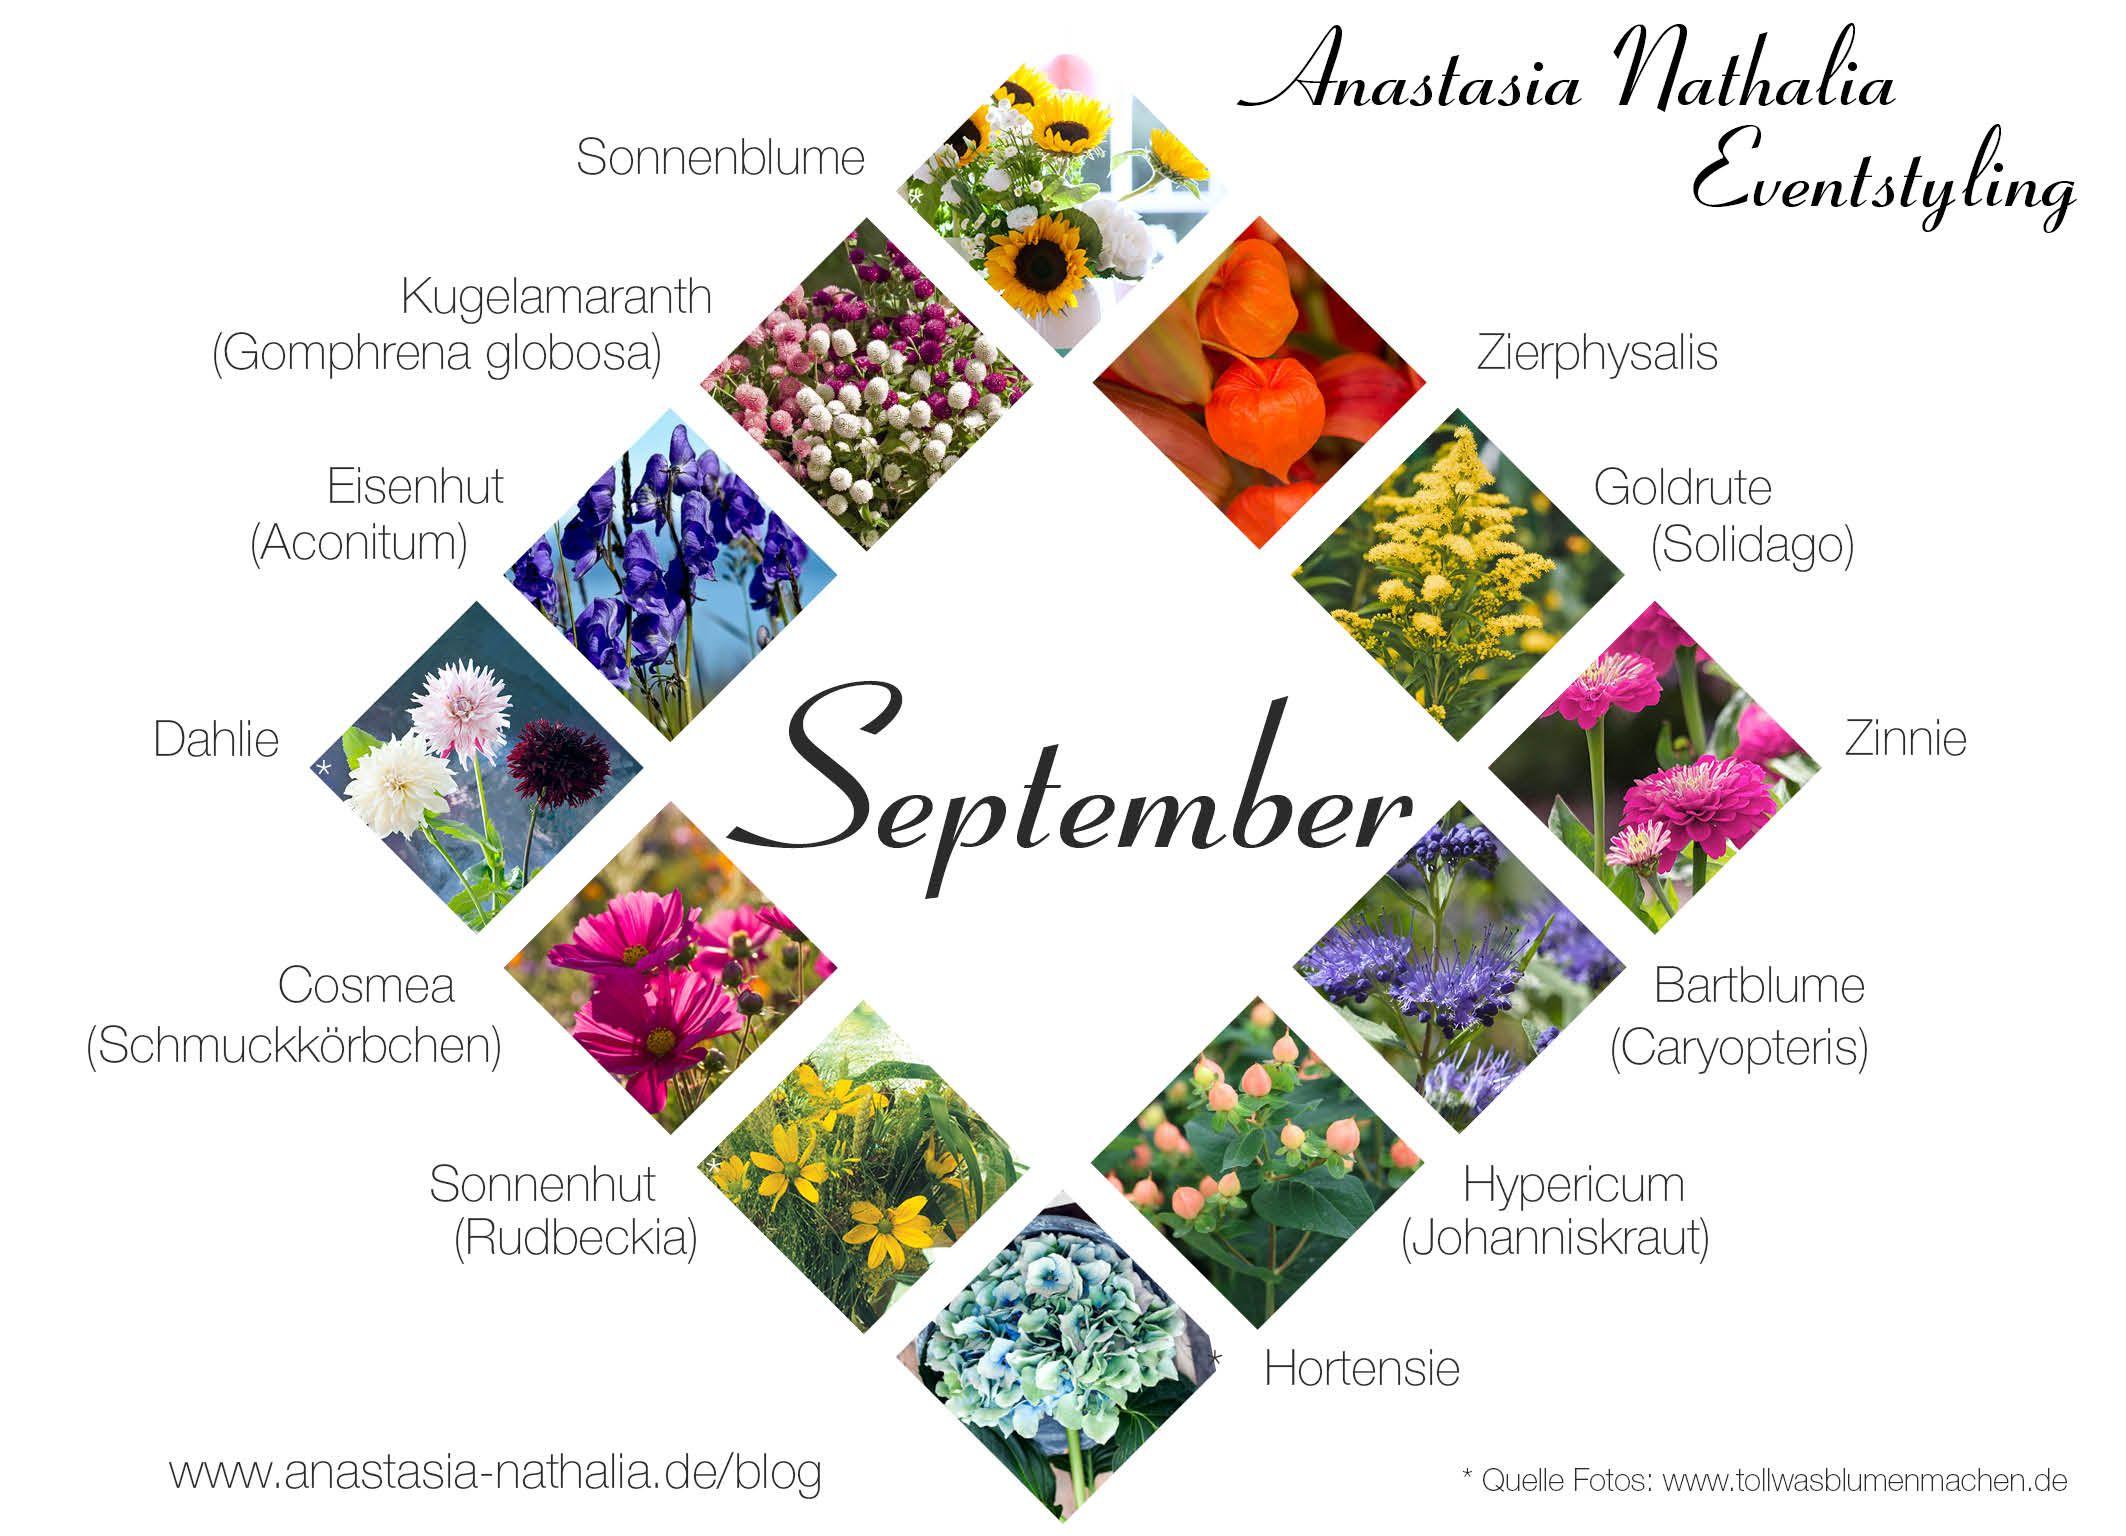 September Noch Einige Warme Sonnenstrahlen Und Schon Die Prachtigen Farben Des Herbsts Die Farben Sind September Blumen Blumen September Hochzeit Juli Blumen